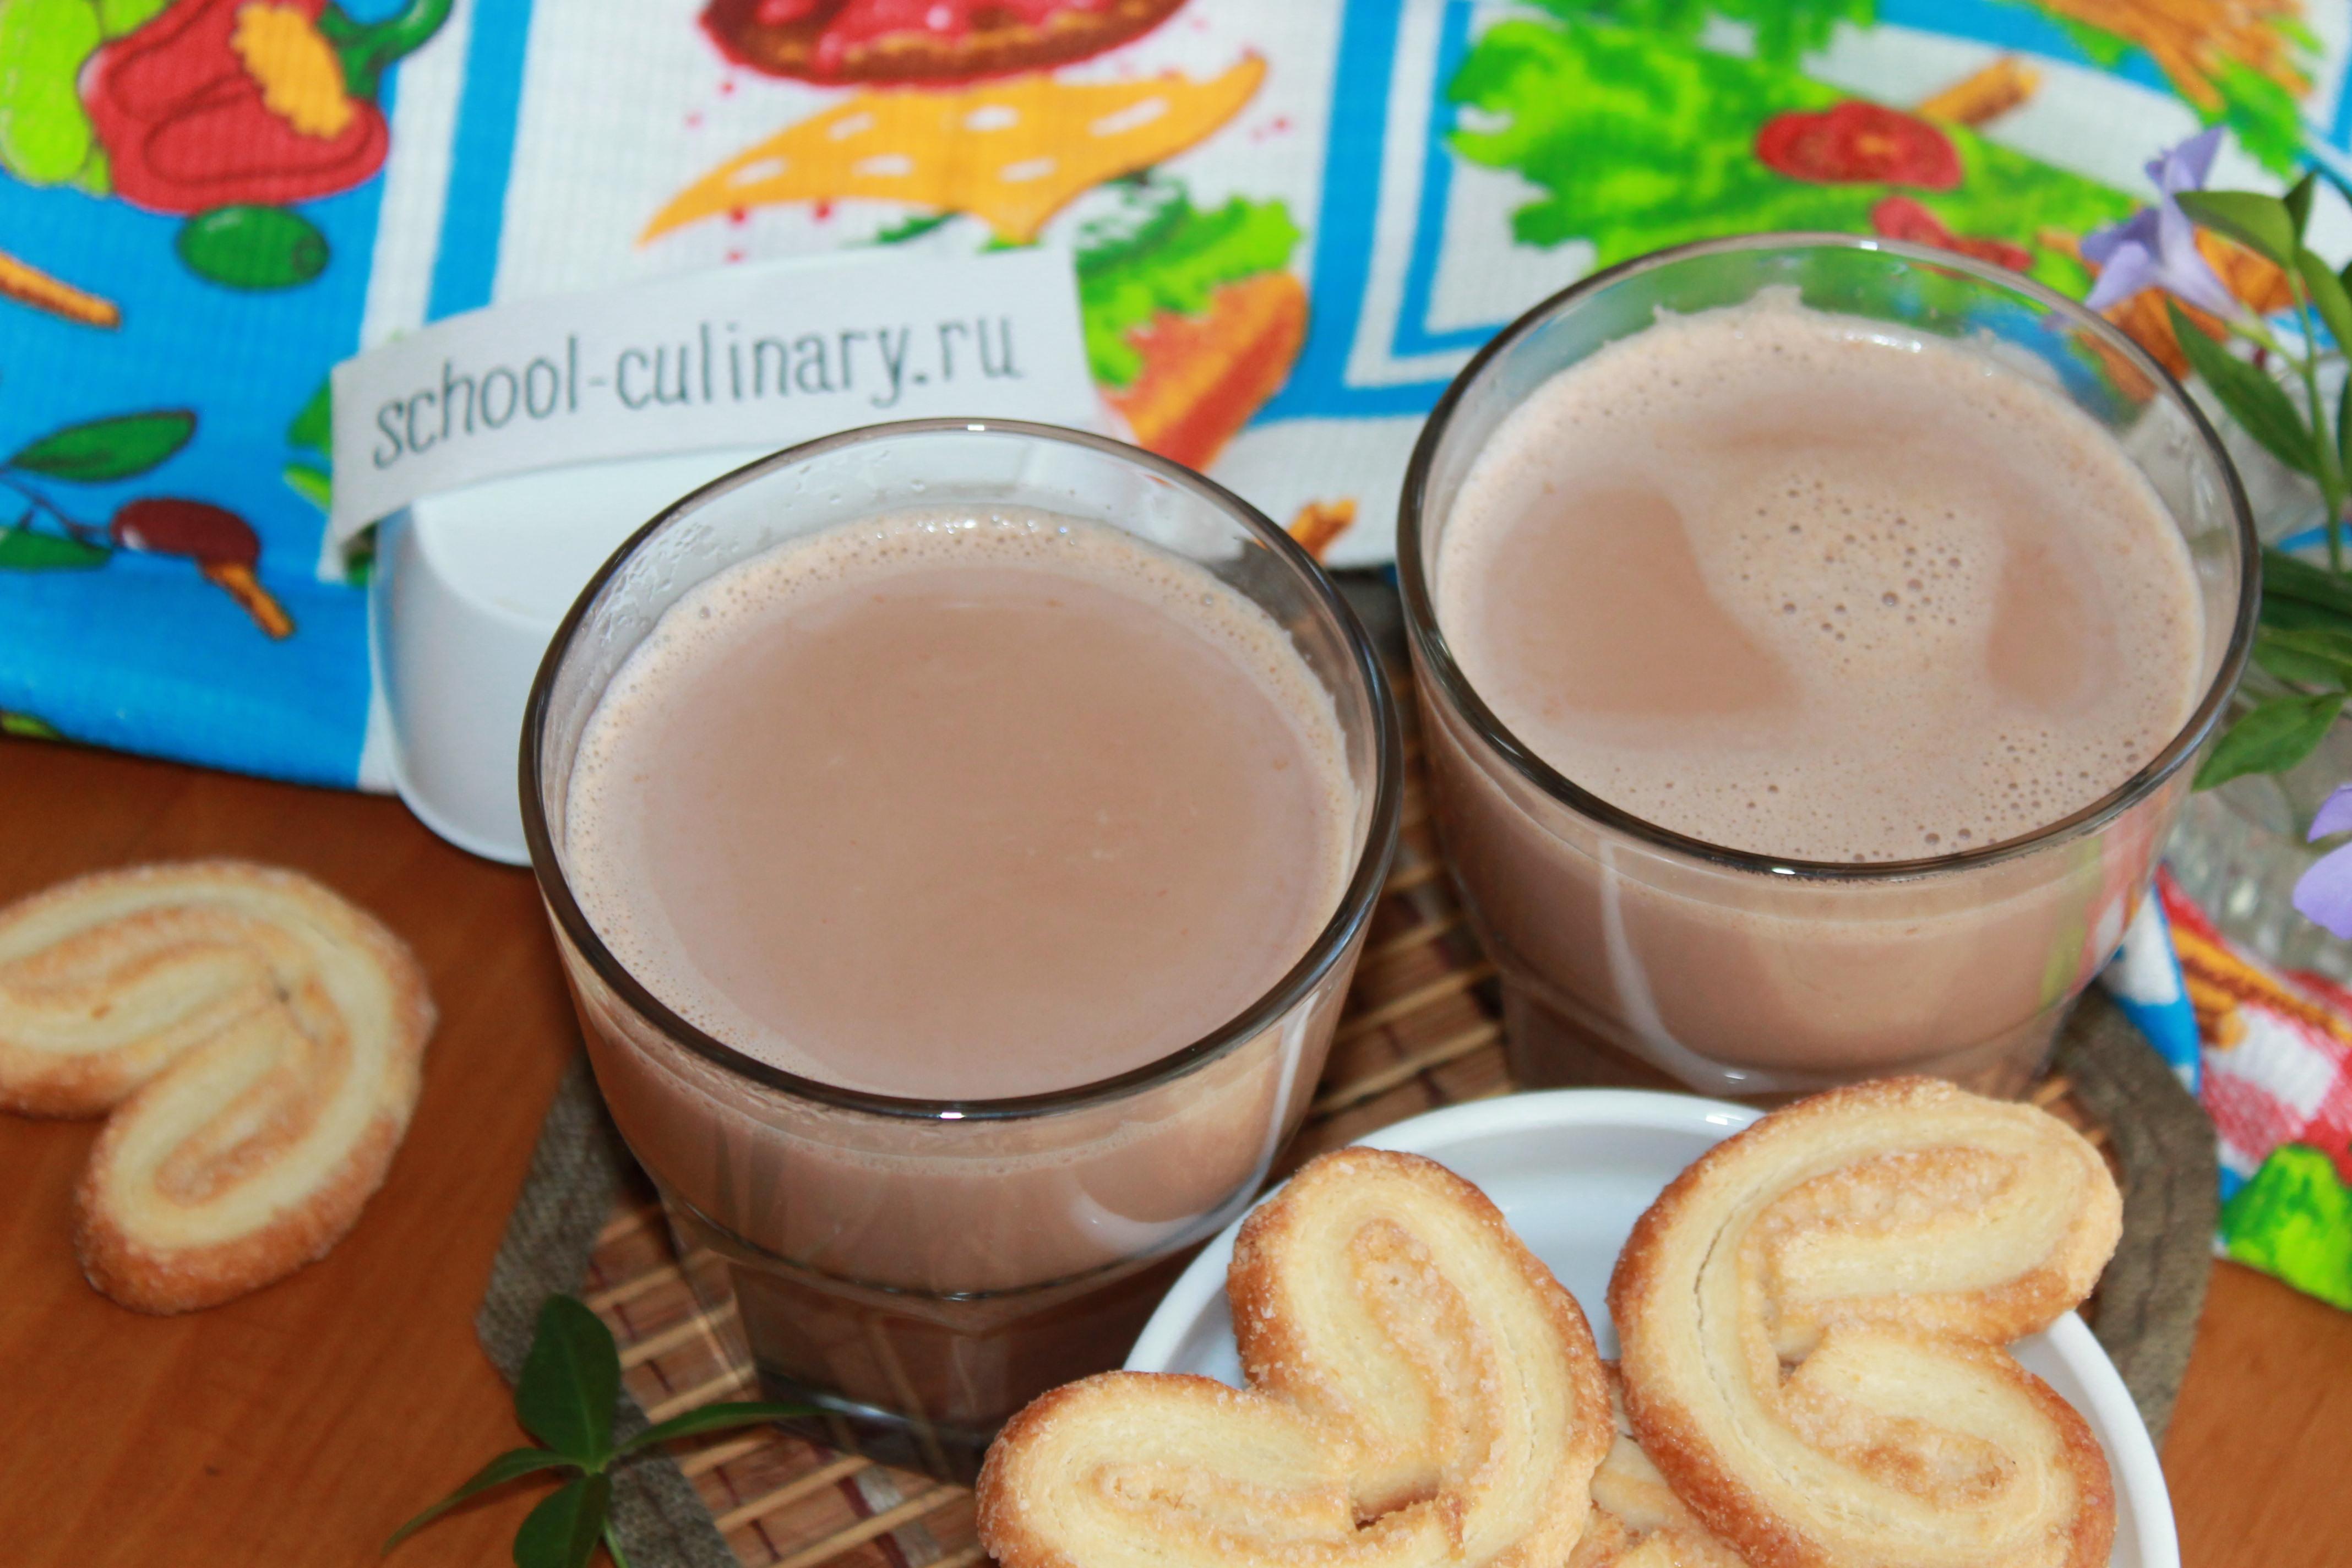 Как варить какао с молоком - пошаговый рецепт с фото. Как